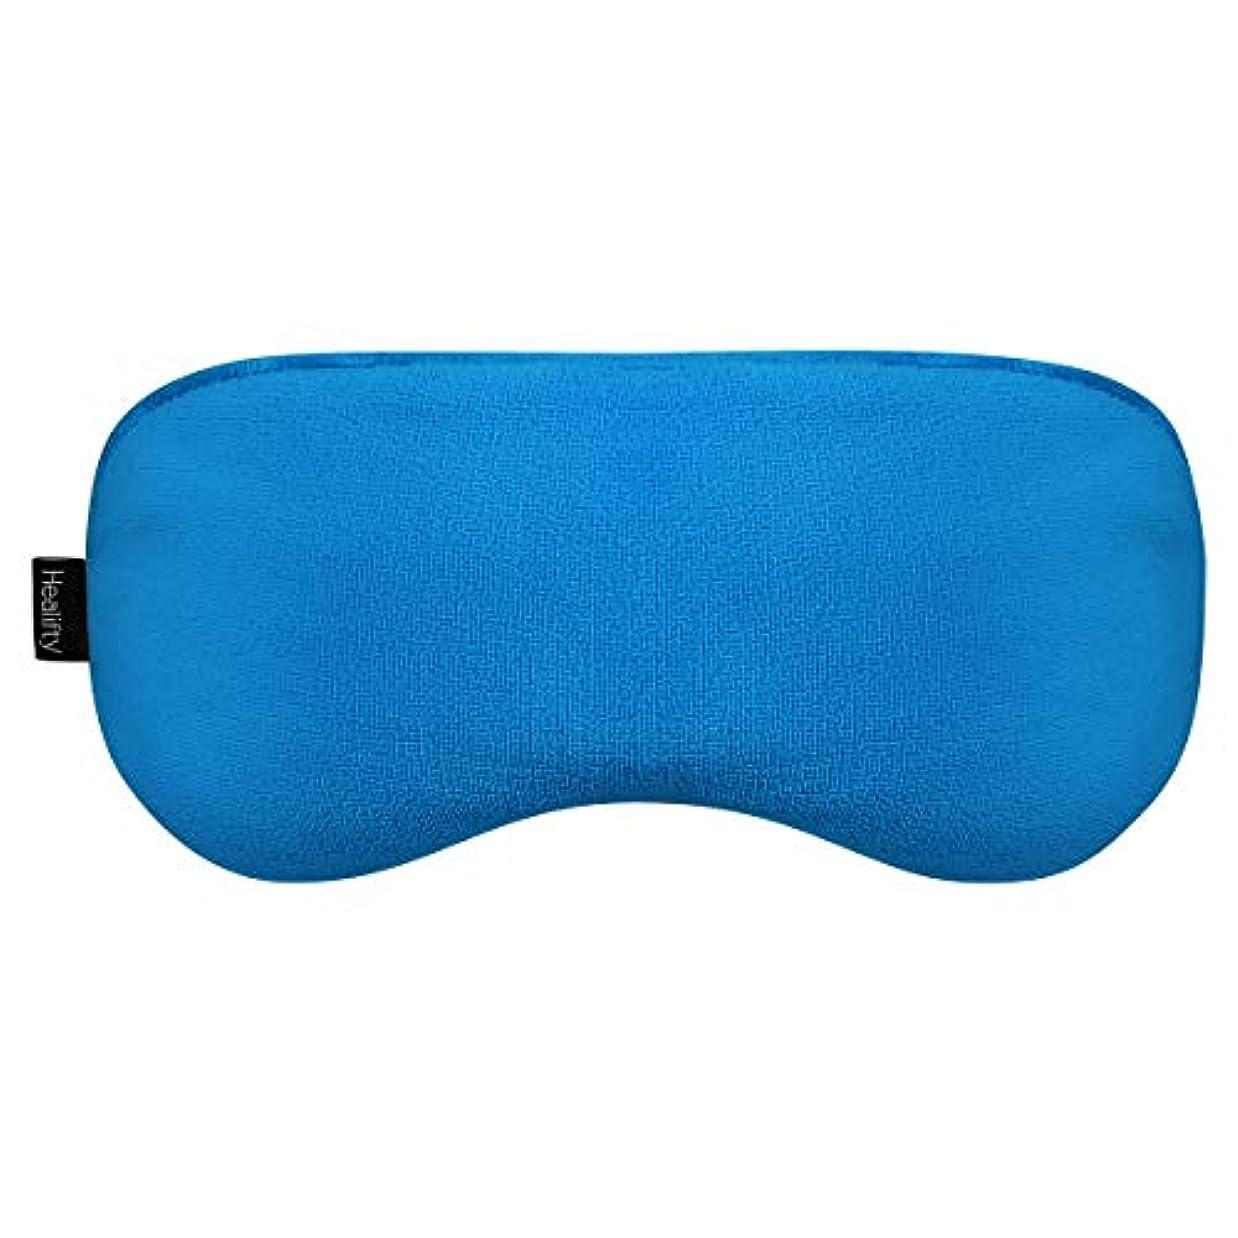 強風川オールHealifty 目の目隠し1ピース亜麻仁アイ圧縮暖かいアイセラピーマイクロ波ホットアイマスク付きベルベットカバー(ブルー)